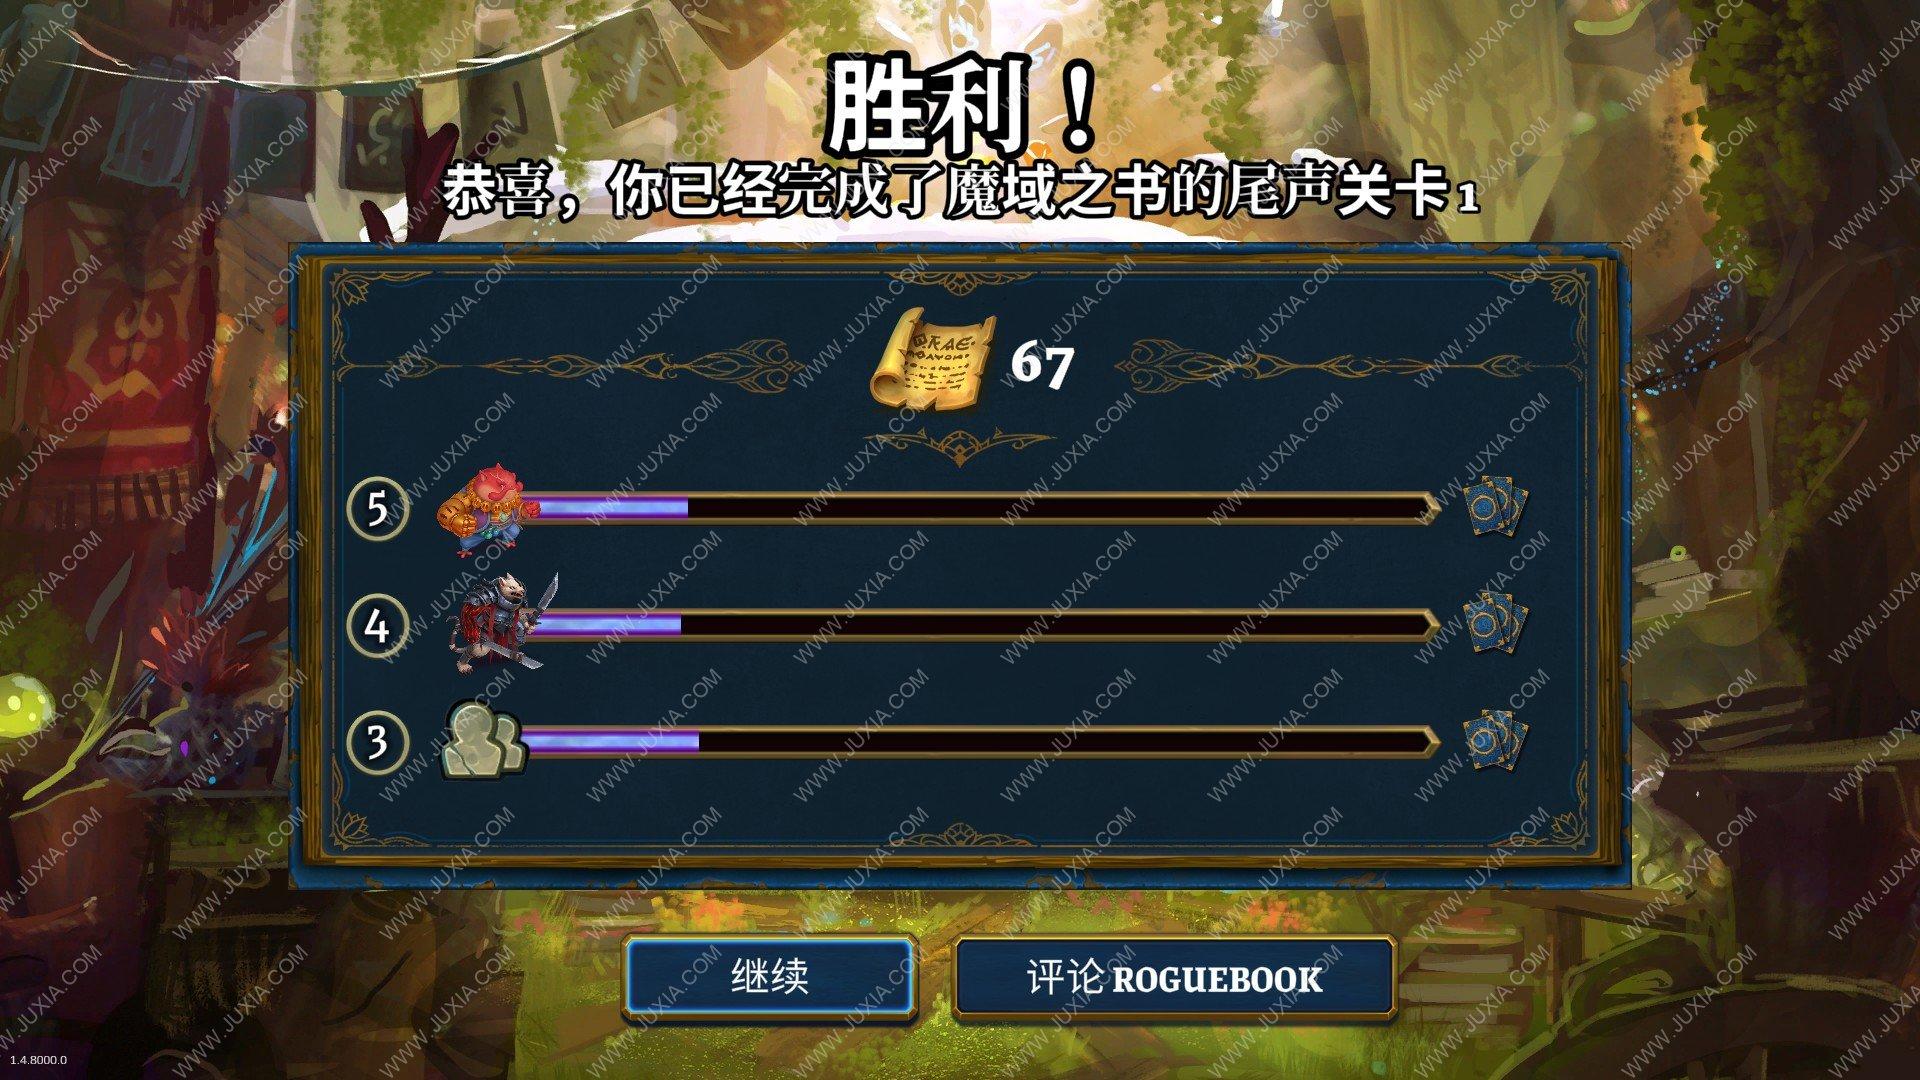 DBG卡牌游戏的另一种打开方式--《魔域之书》